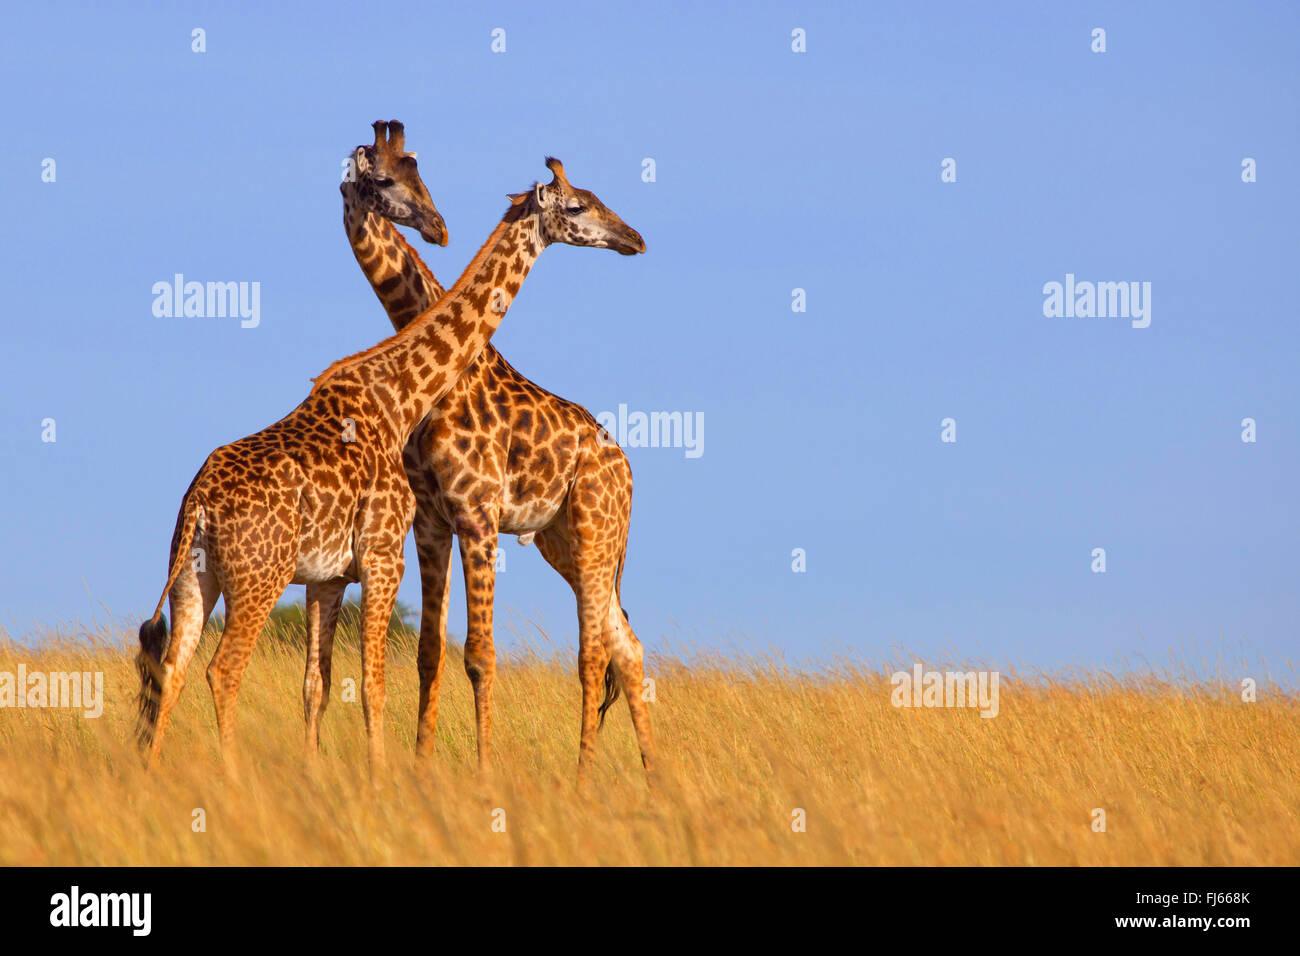 Masai giraffe (Giraffa camelopardalis tippelskirchi), two giraffes in savannah, Kenya, Masai Mara National Park - Stock Image